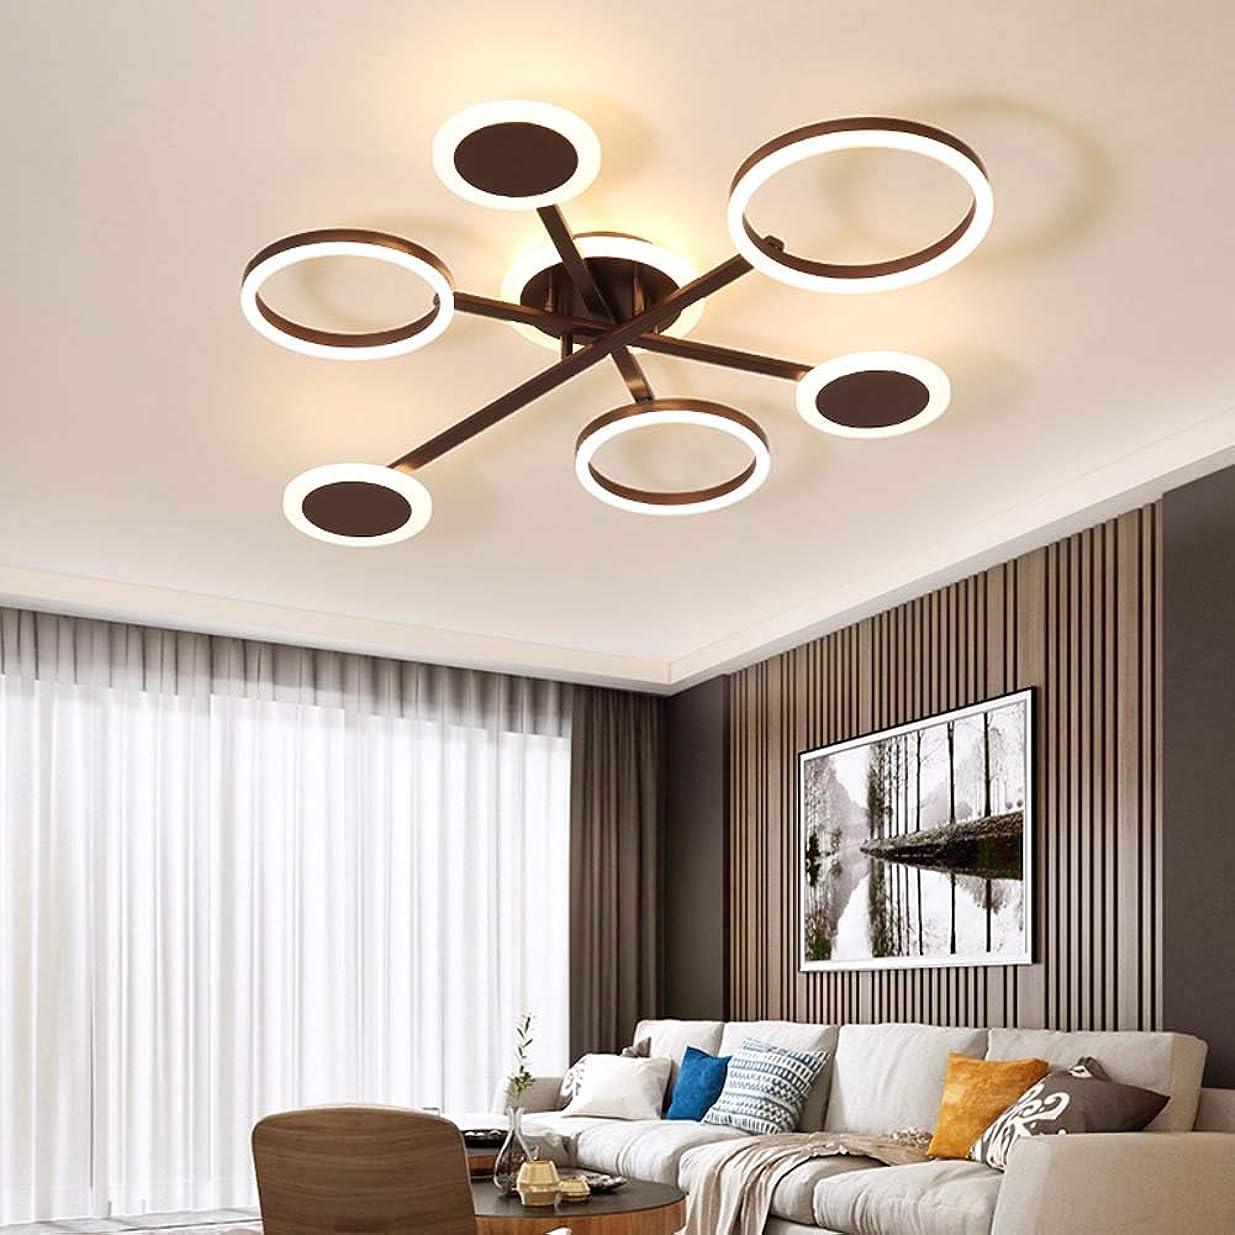 安全オッズ上がるLEDシーリングライト、リモコン付きのモダンなアクリルフラッシュマウント天井ランプ、リビングルームのための2700-6500K調光可能な天井照明器具,D